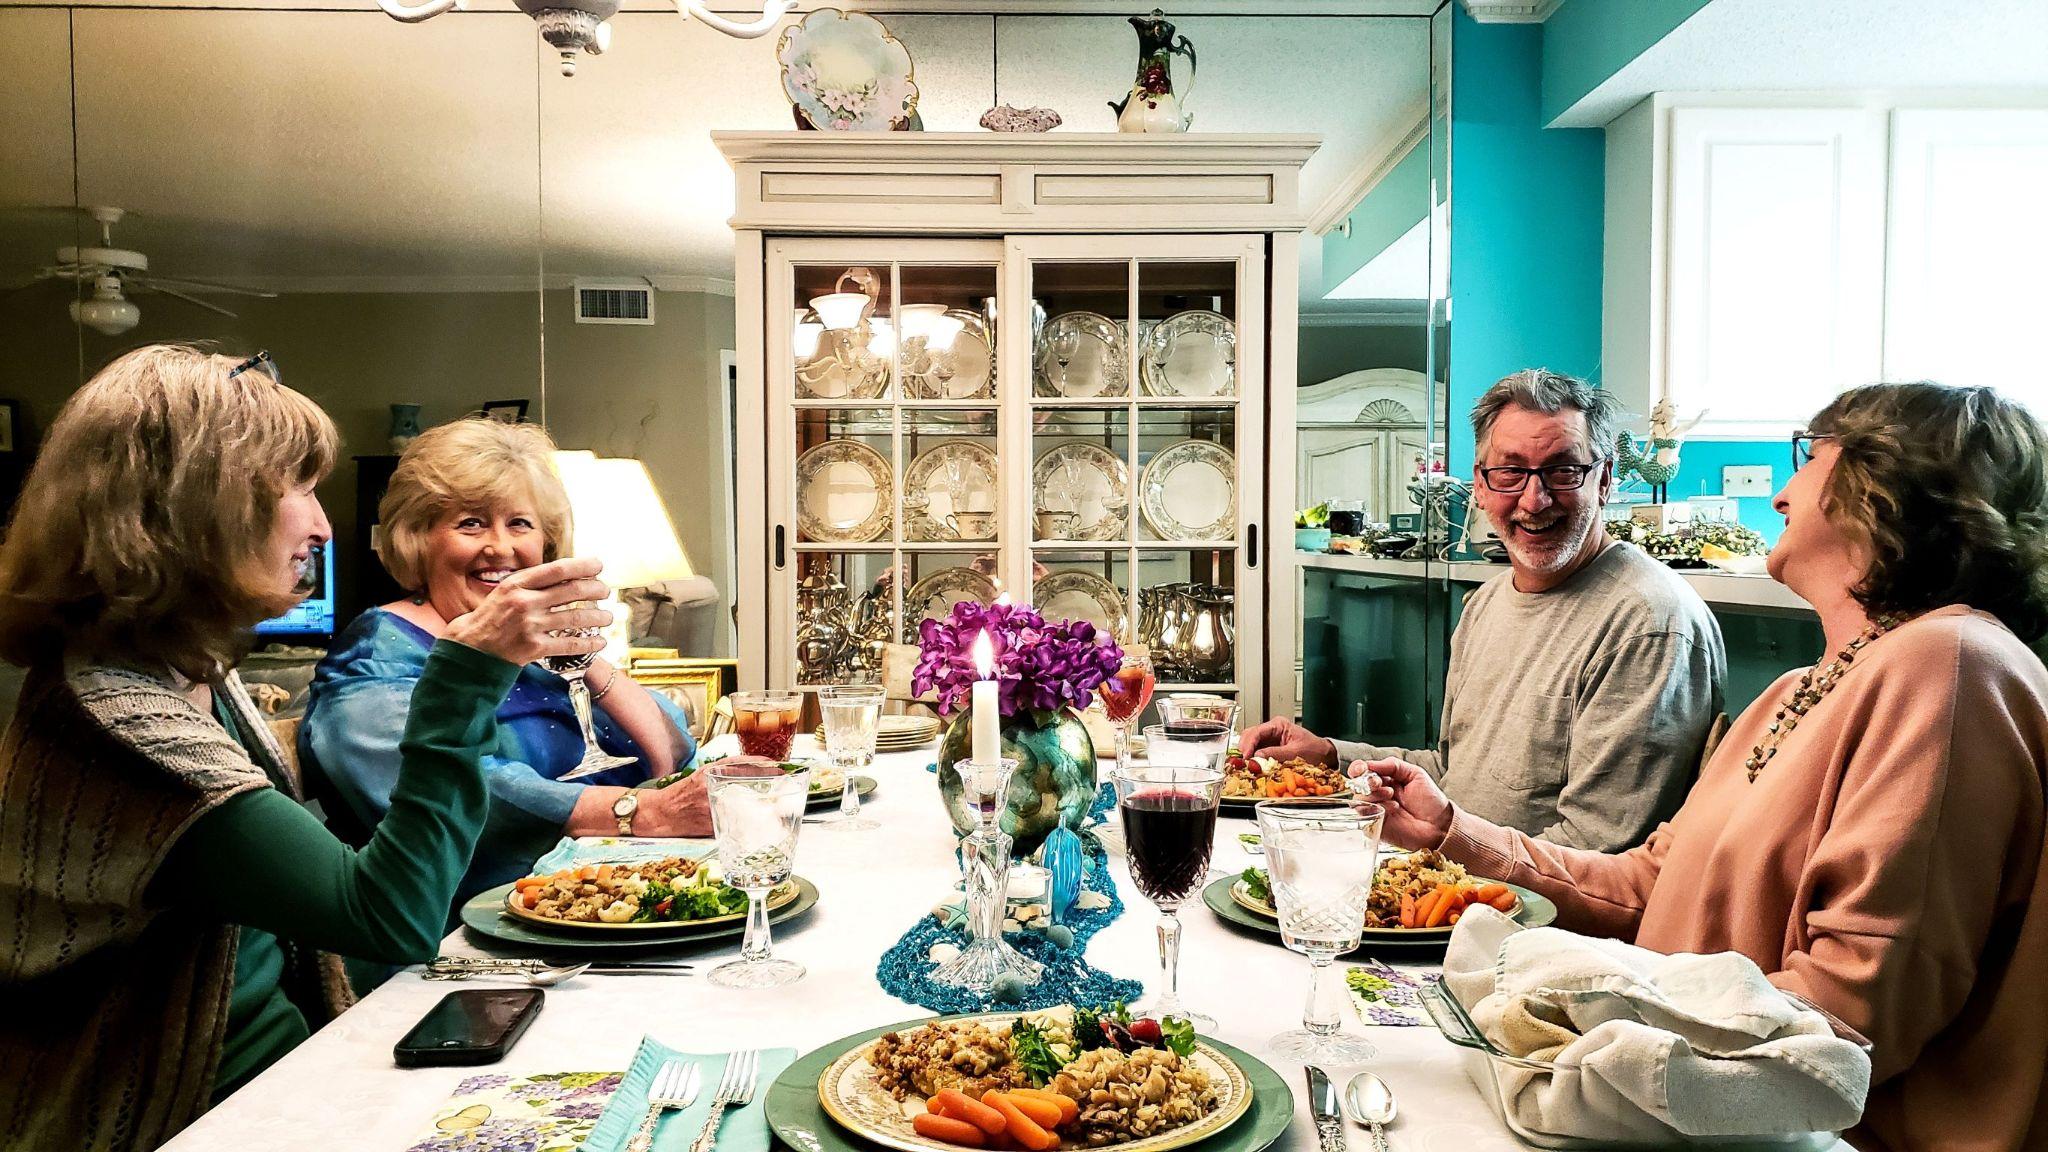 4-friends-enjoying-conversation-over-dinner